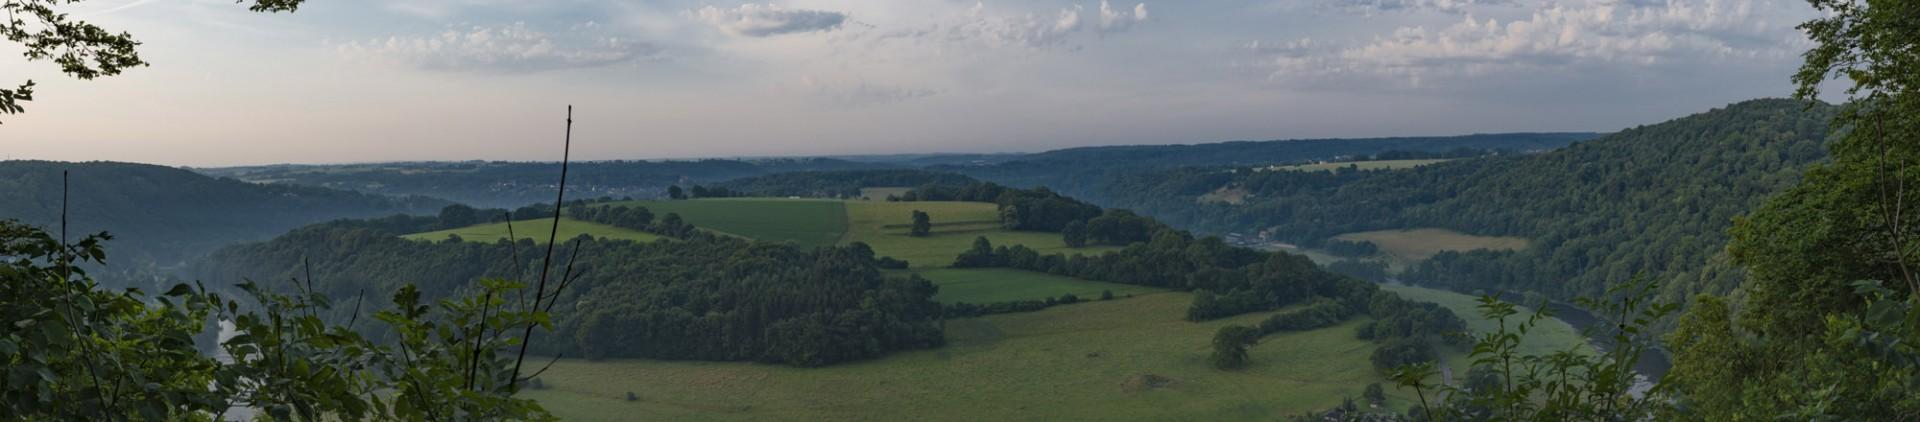 5 panorama-ideeën - provincie Luik